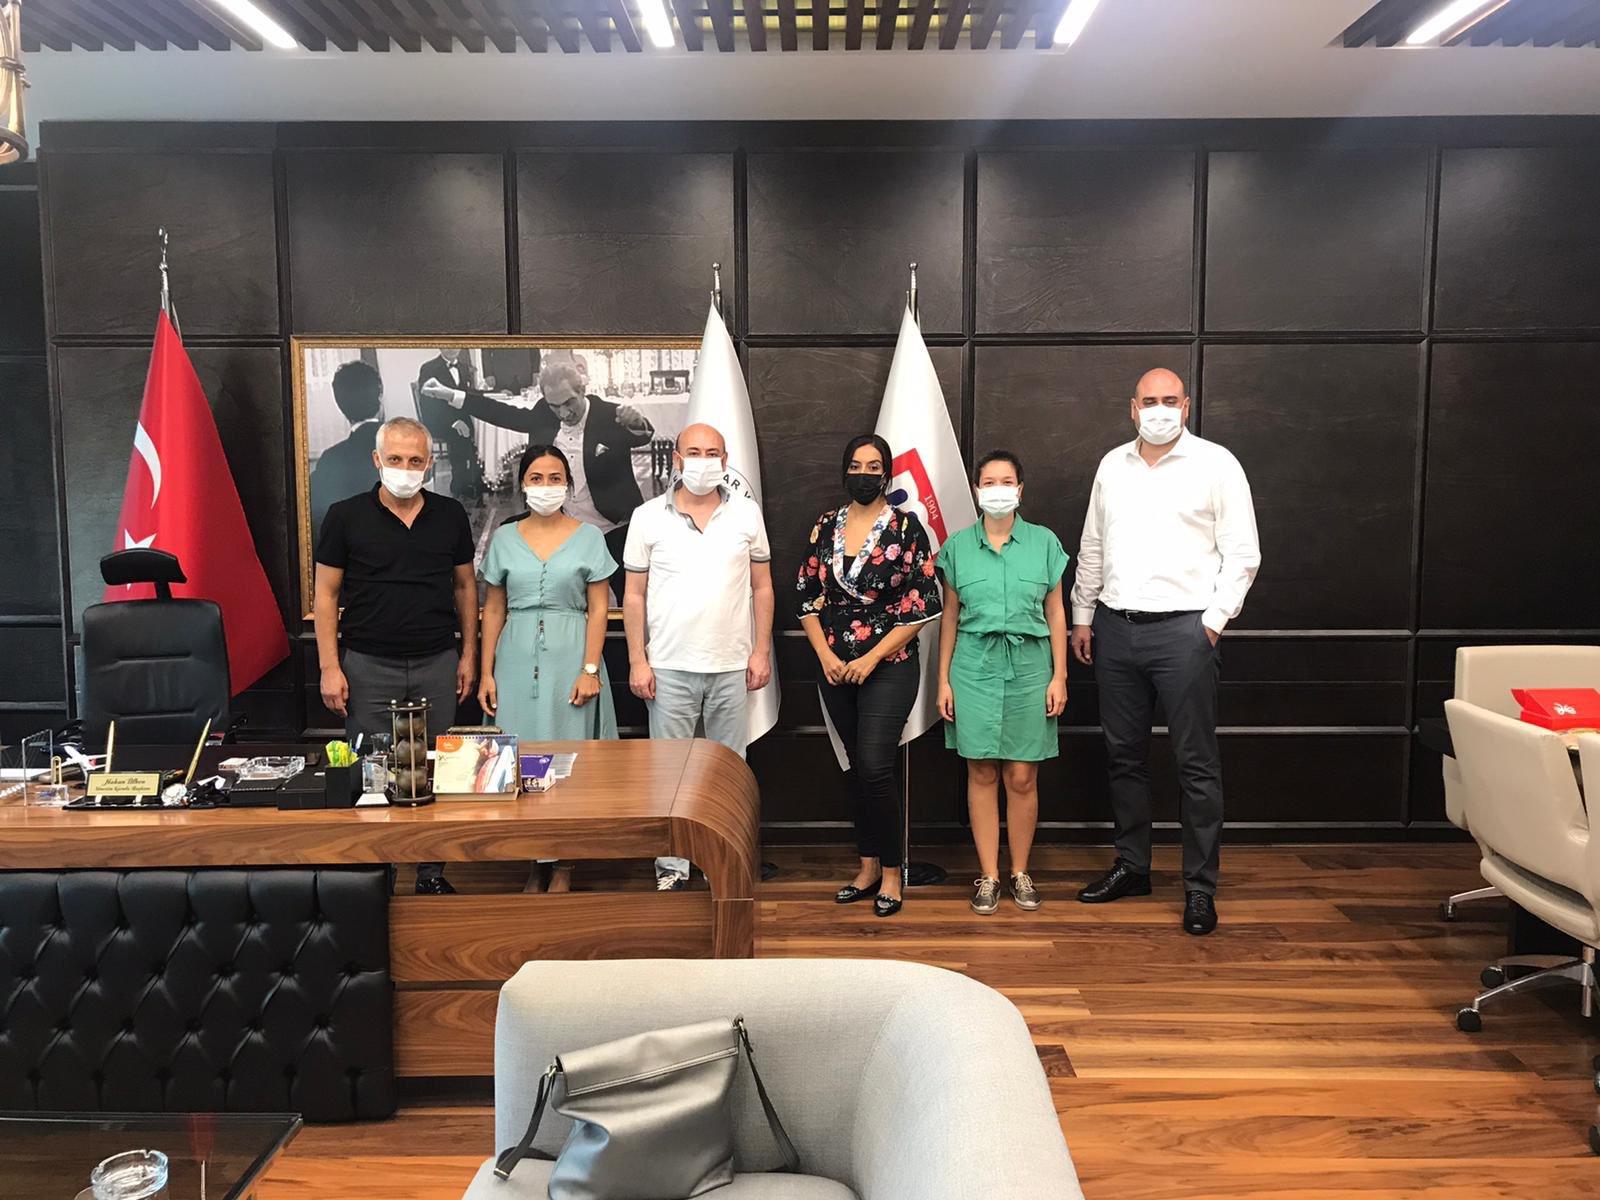 Yeni İz Derneği Başkan ve Yöneticilerinden, TOBB Yönetim Kurulu Üyesi ve Odamız Başkanı Hakan ÜLKEN'e ziyaret